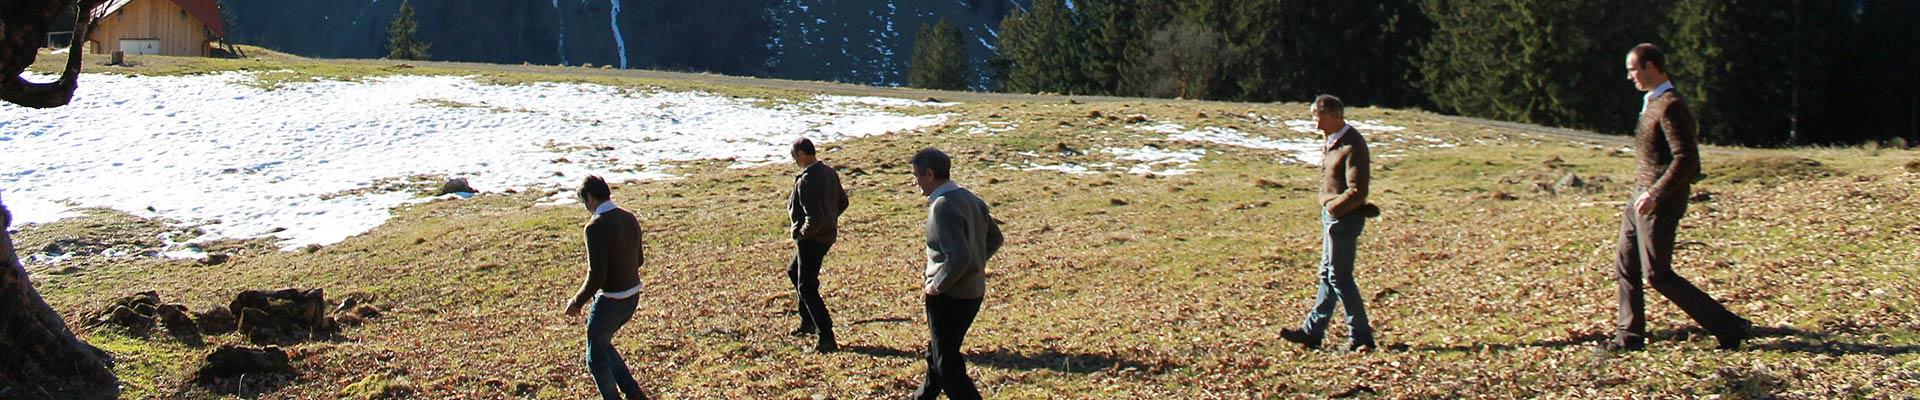 Holzergemeinschaft Bad Oberdorf Team